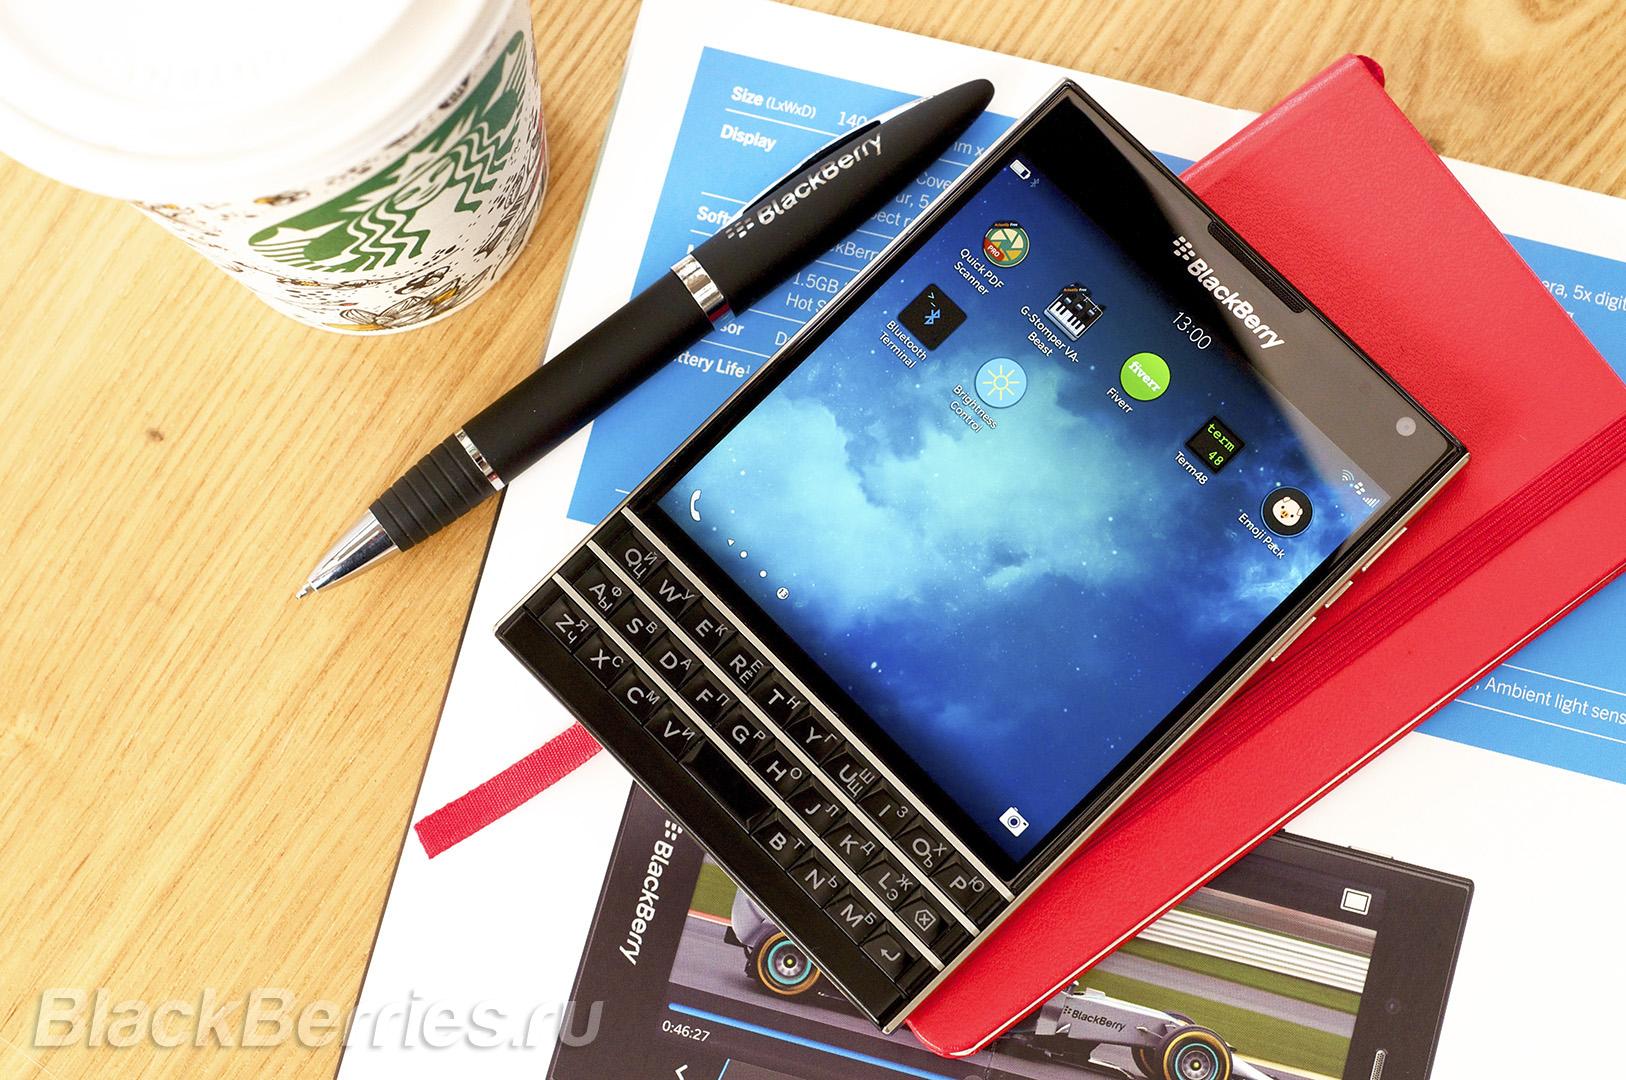 BlackBerry-Passport-App-Review-2-14